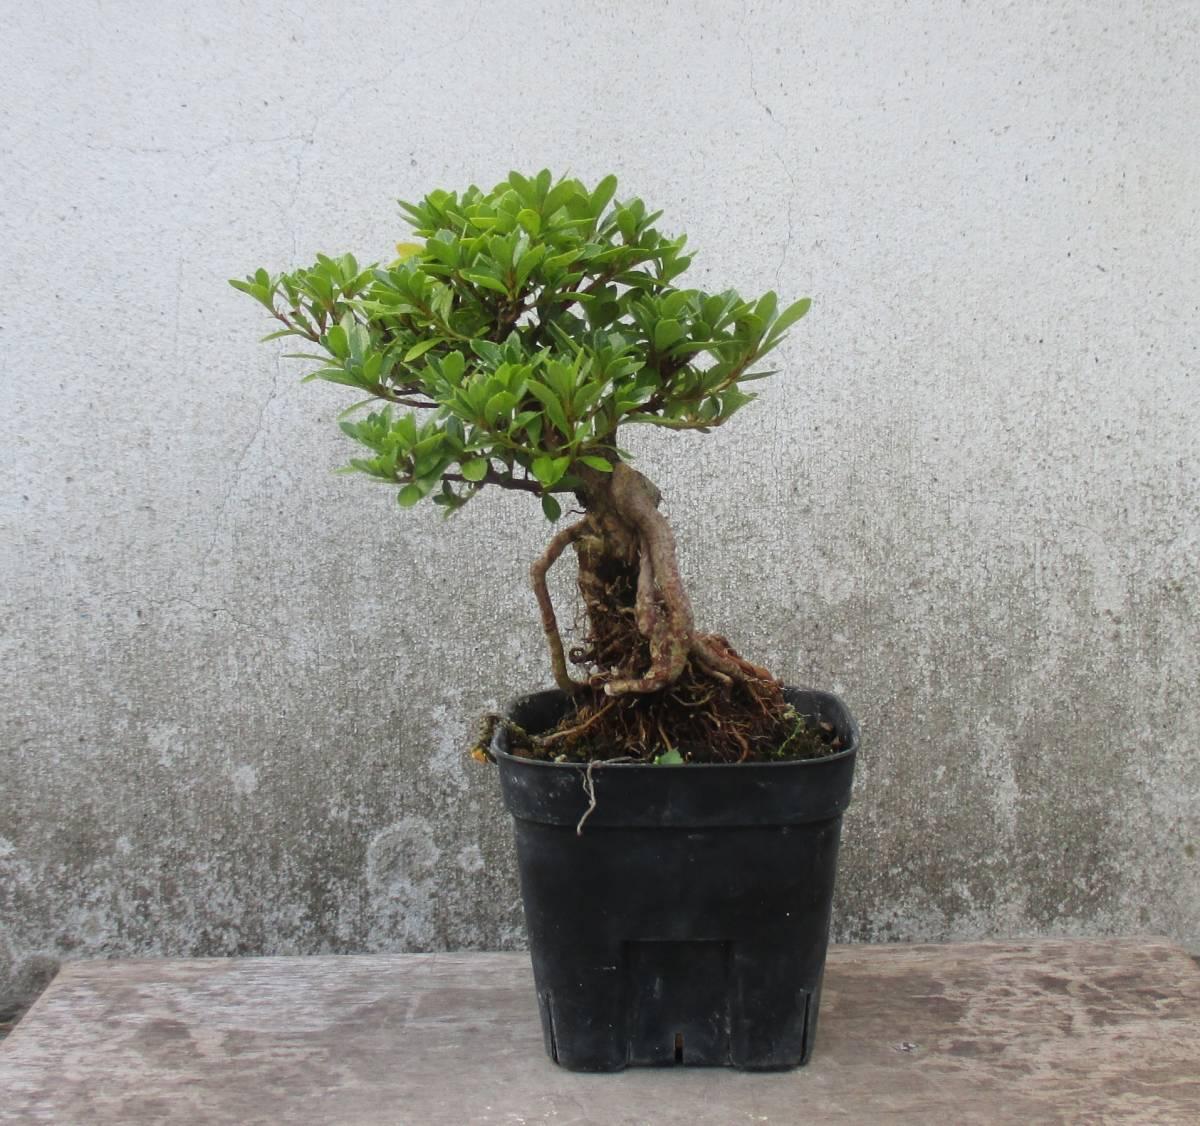 極小品 根上り さつき盆栽 ◆明美の月◆  鉢  9*9cm_画像2